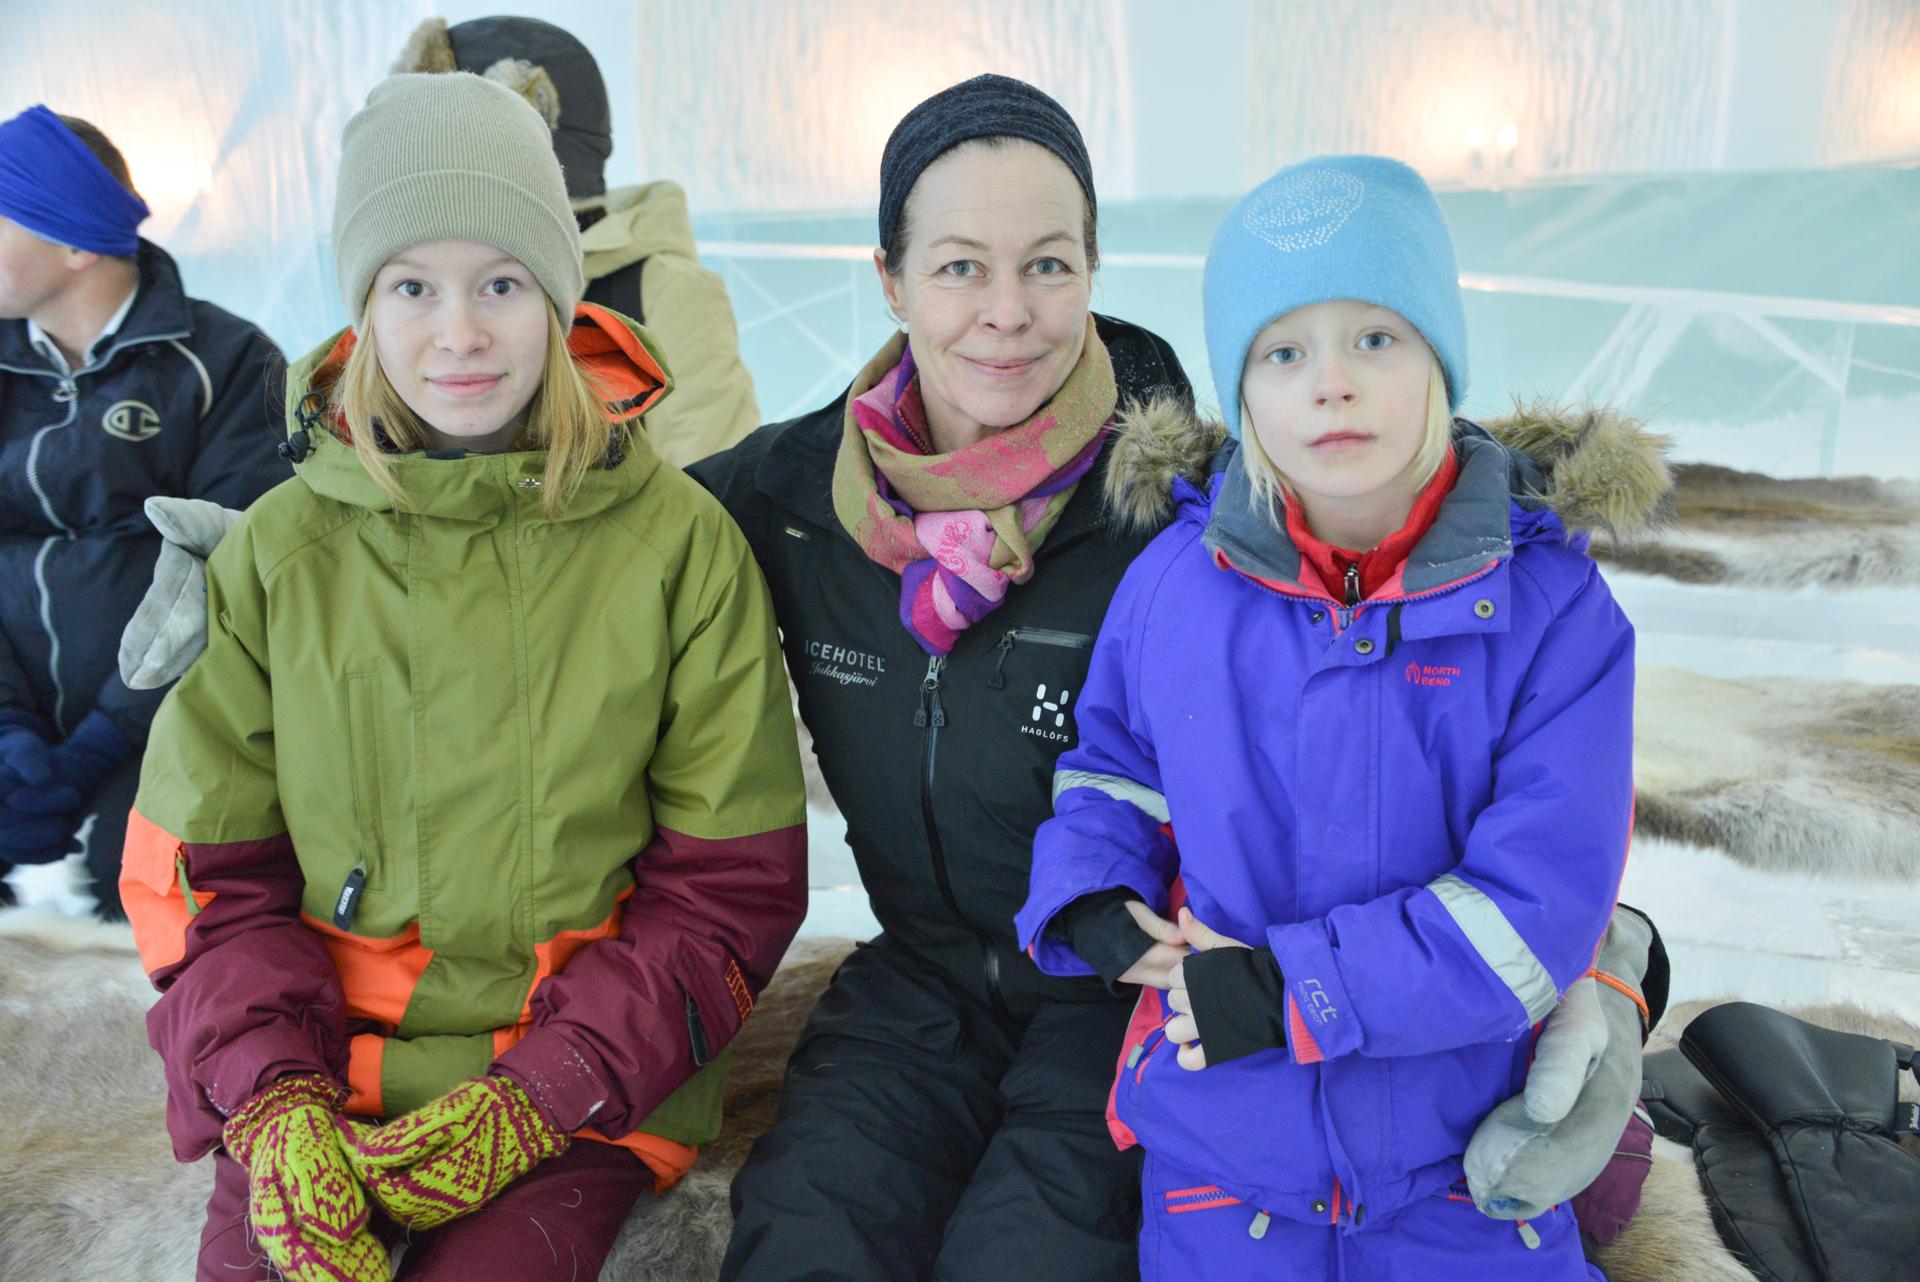 Sofi mit ihren Töchtern - Einheimisch - bei der Zeremonie dabei